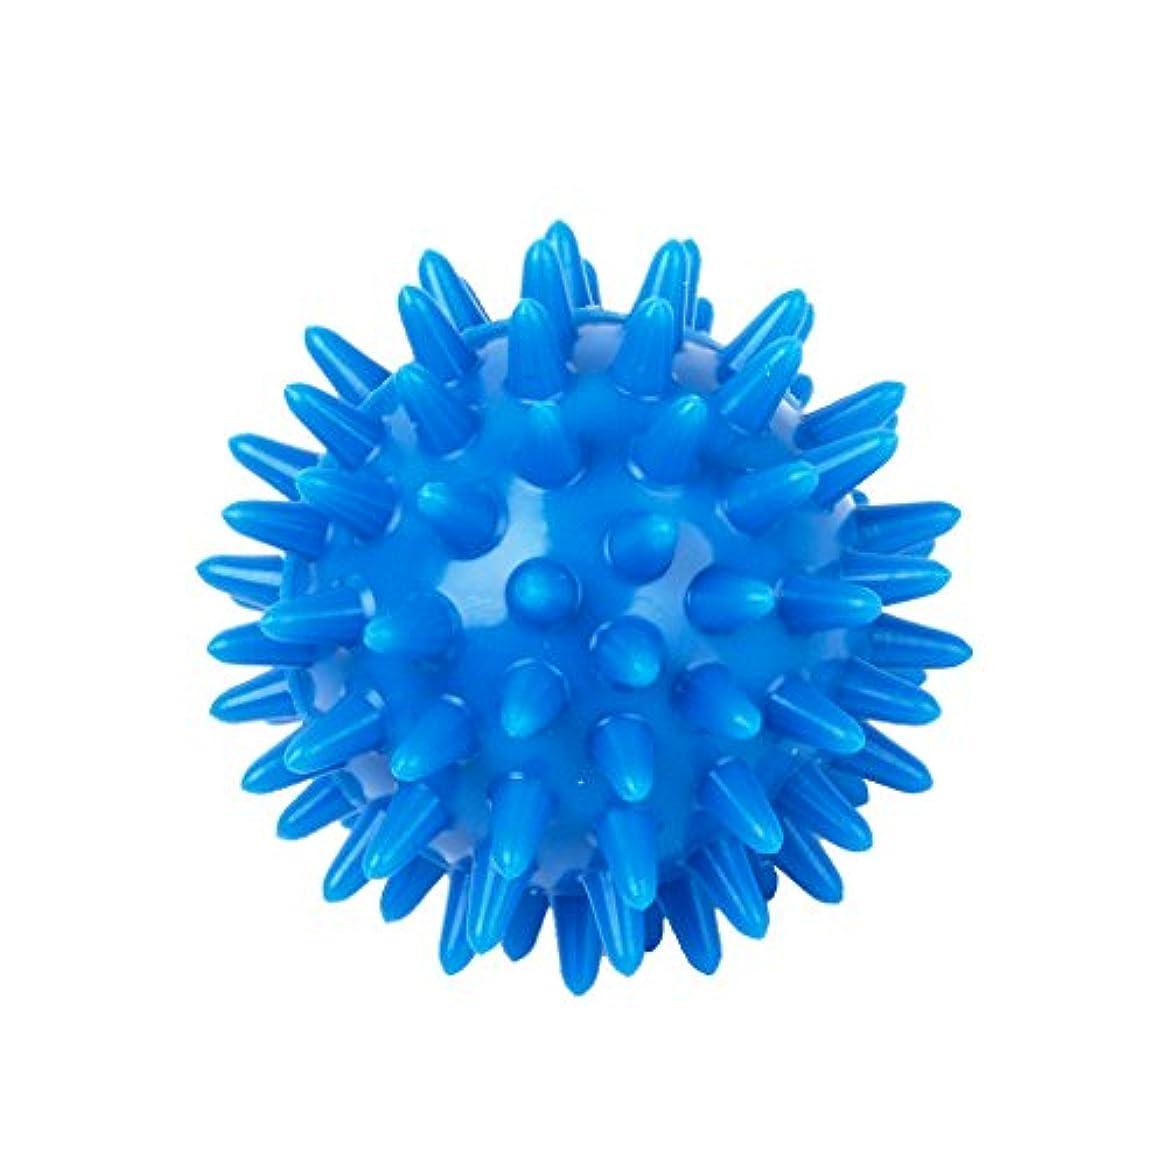 カテゴリー公使館モーションPerfk PVC製 足用マッサージボール マッサージボール 筋肉 緊張和らげ  血液循環促進 5.5cm